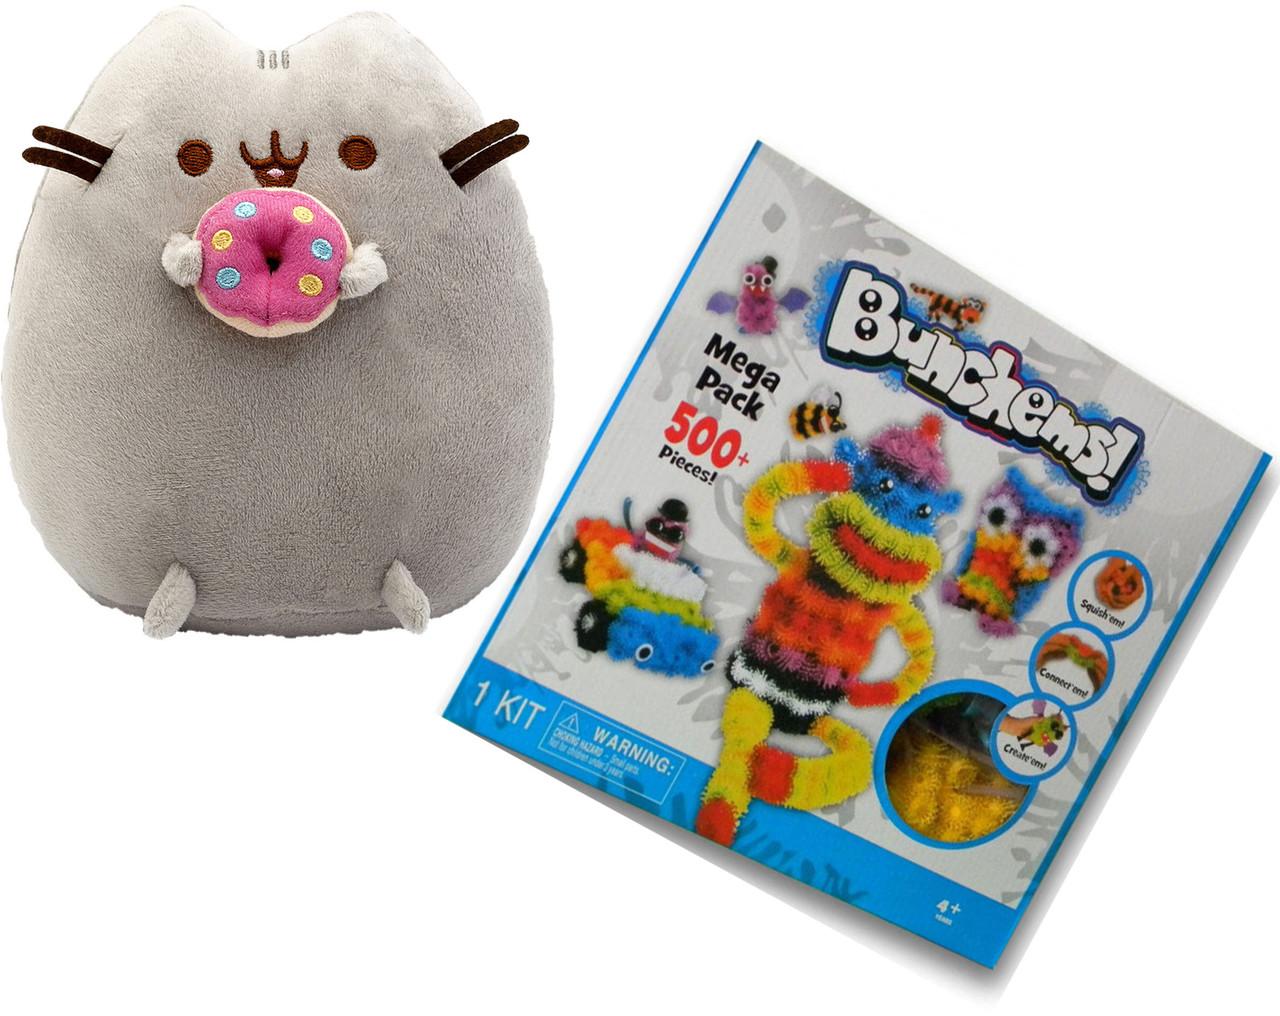 Мягкая игрушка котик с пончиком в лапках Pusheen cat + Подарок (vol-747)